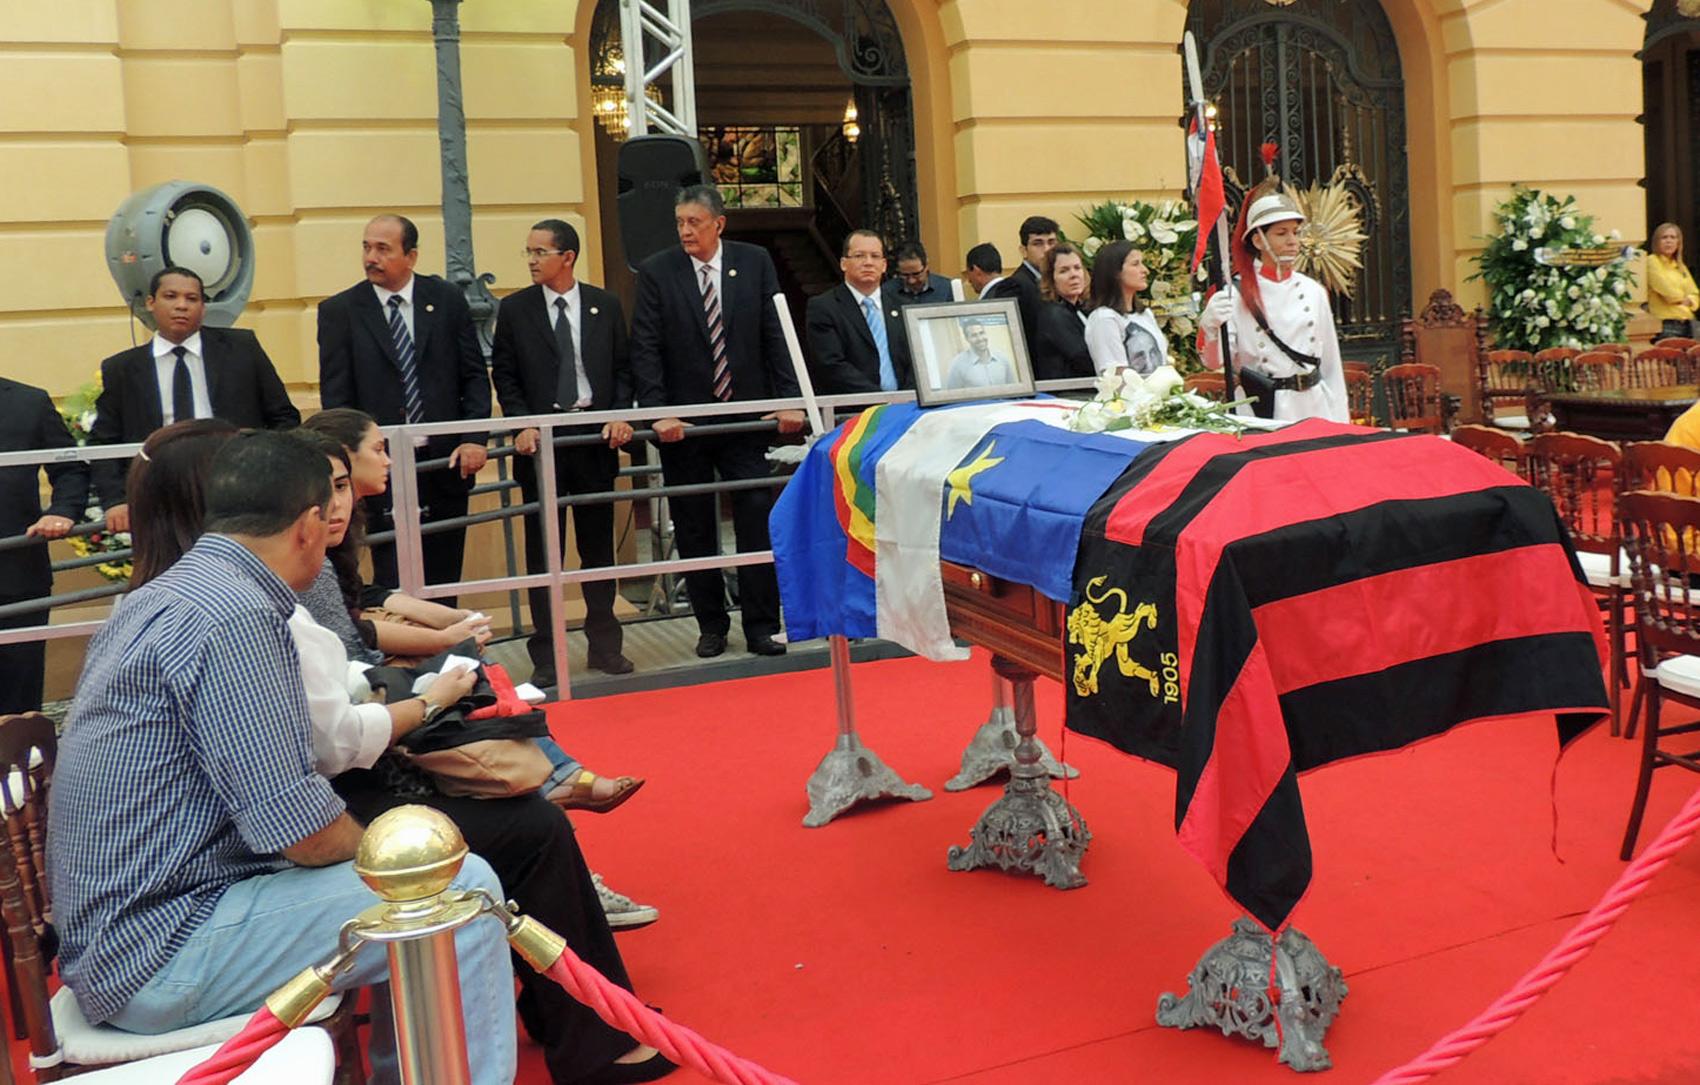 Caixão de Carlos Percol com as bandeiras de Pernambuco, Recife e do Sport